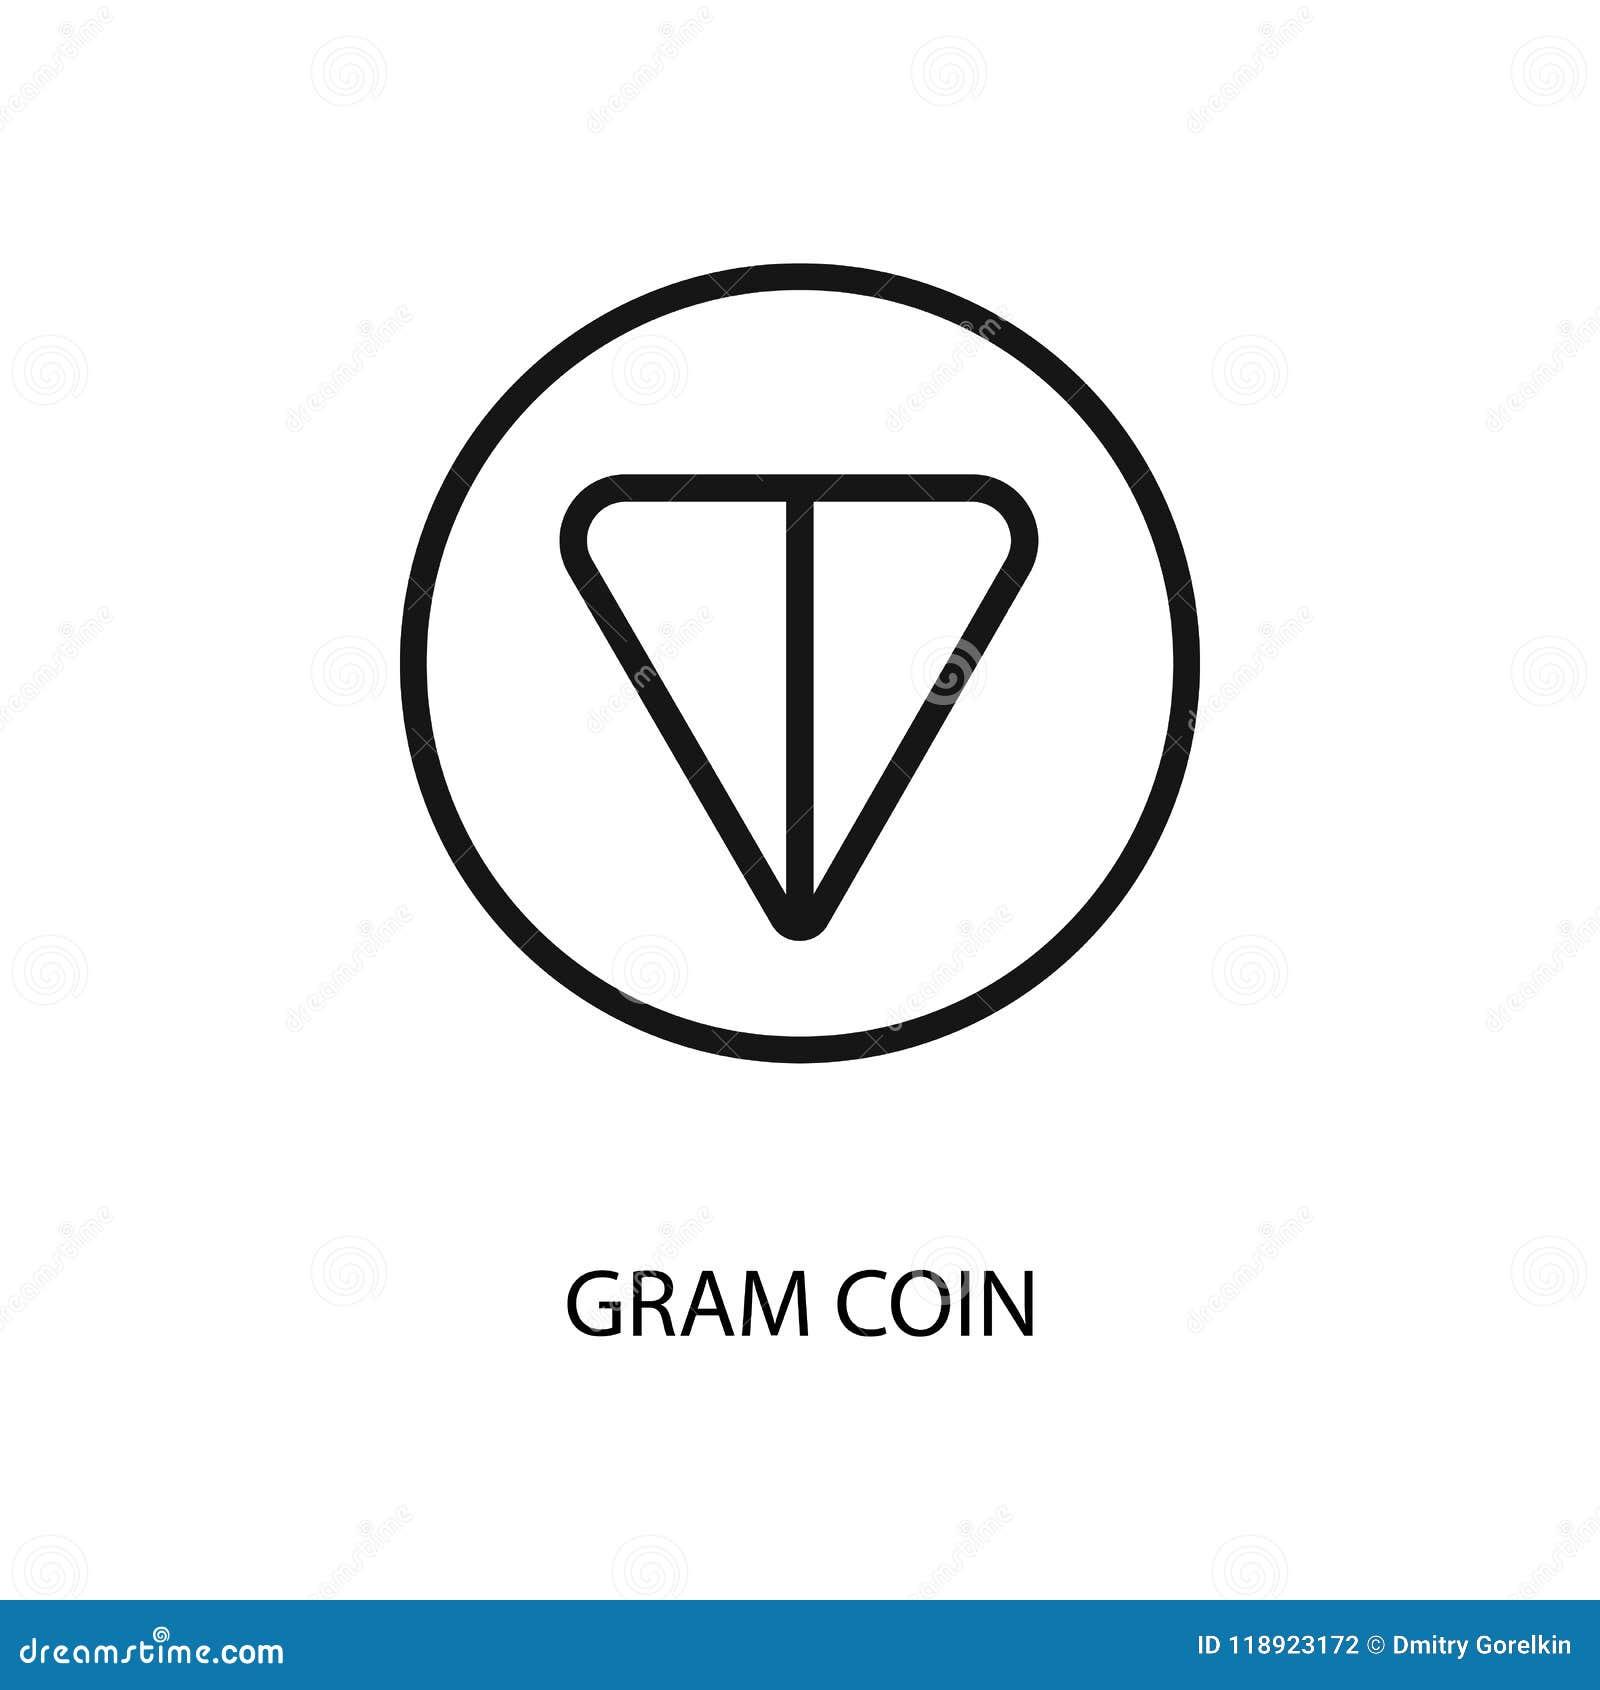 telegramă monedă gram câștigurile și afacerile prin Internet